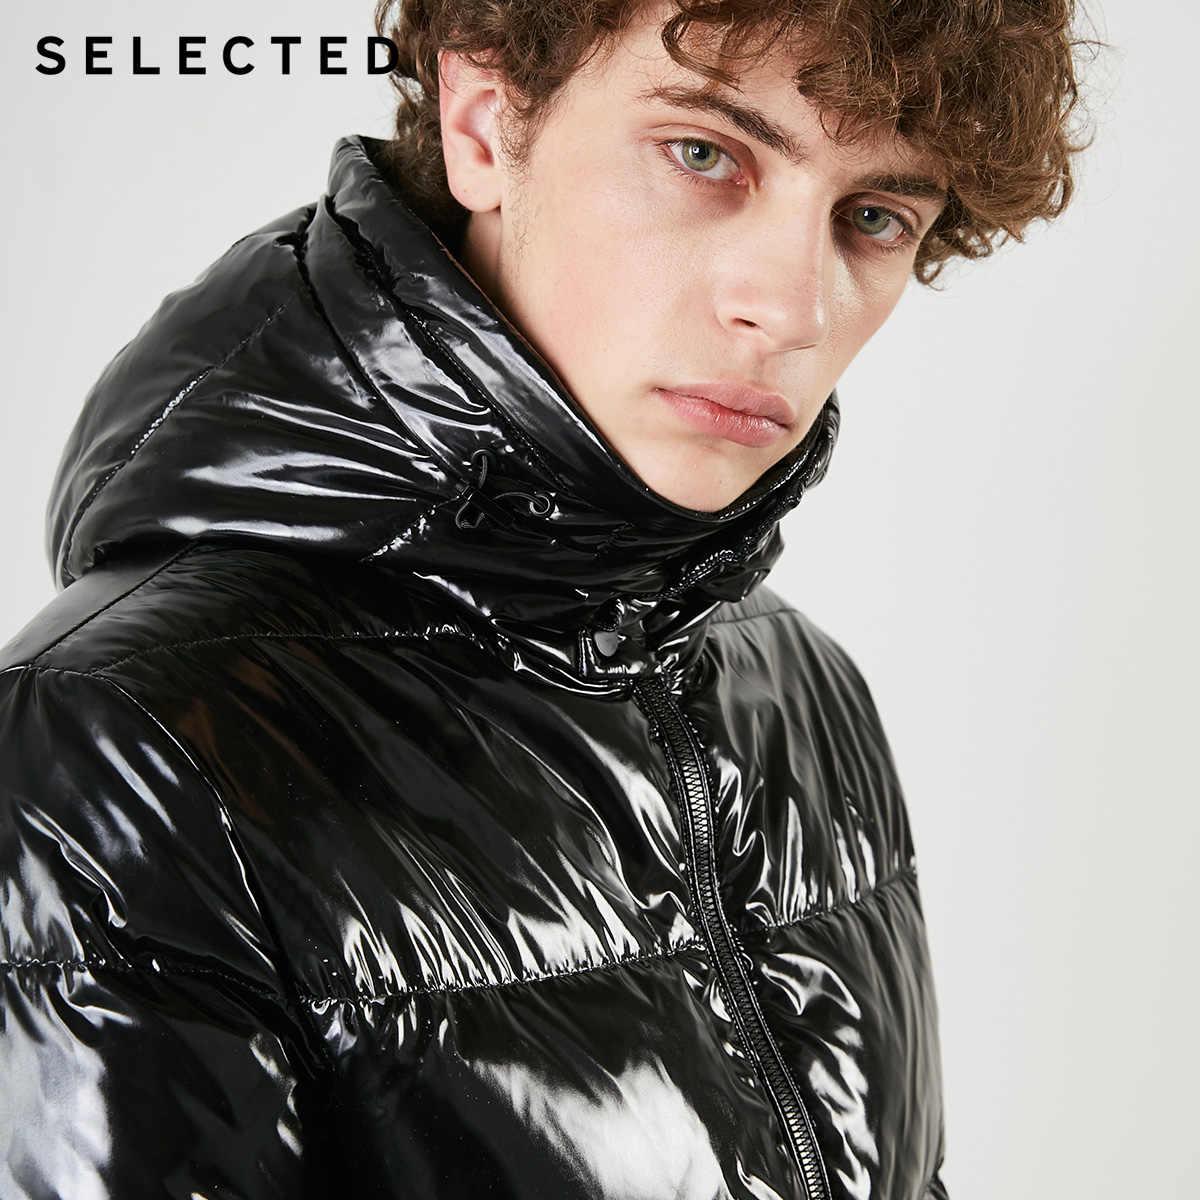 נבחר גברים של מבריק למטה קצר מעיל סלעית Parka ברווז למטה מעיל החורף מזדמן זכר בגדי C | 419112507